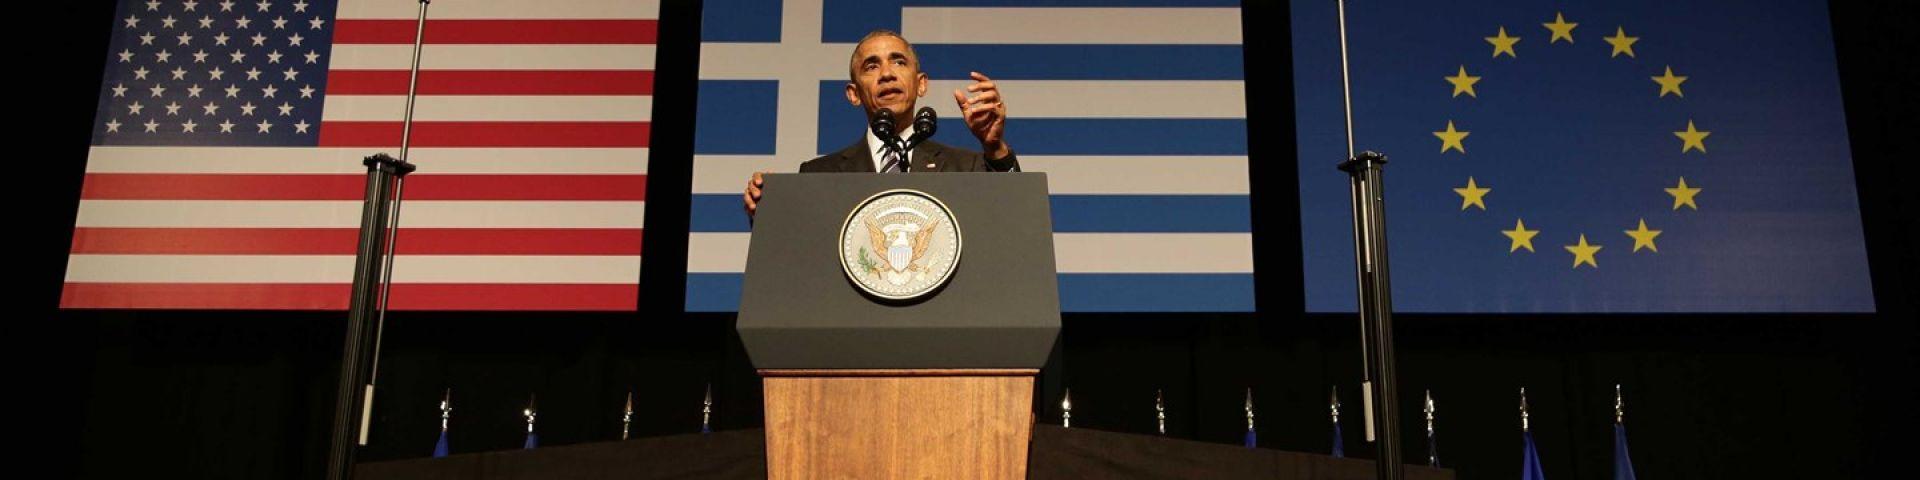 Ομιλία του Προέδρου των ΗΠΑ, Barack Obama, στο ΚΠΙΣΝ